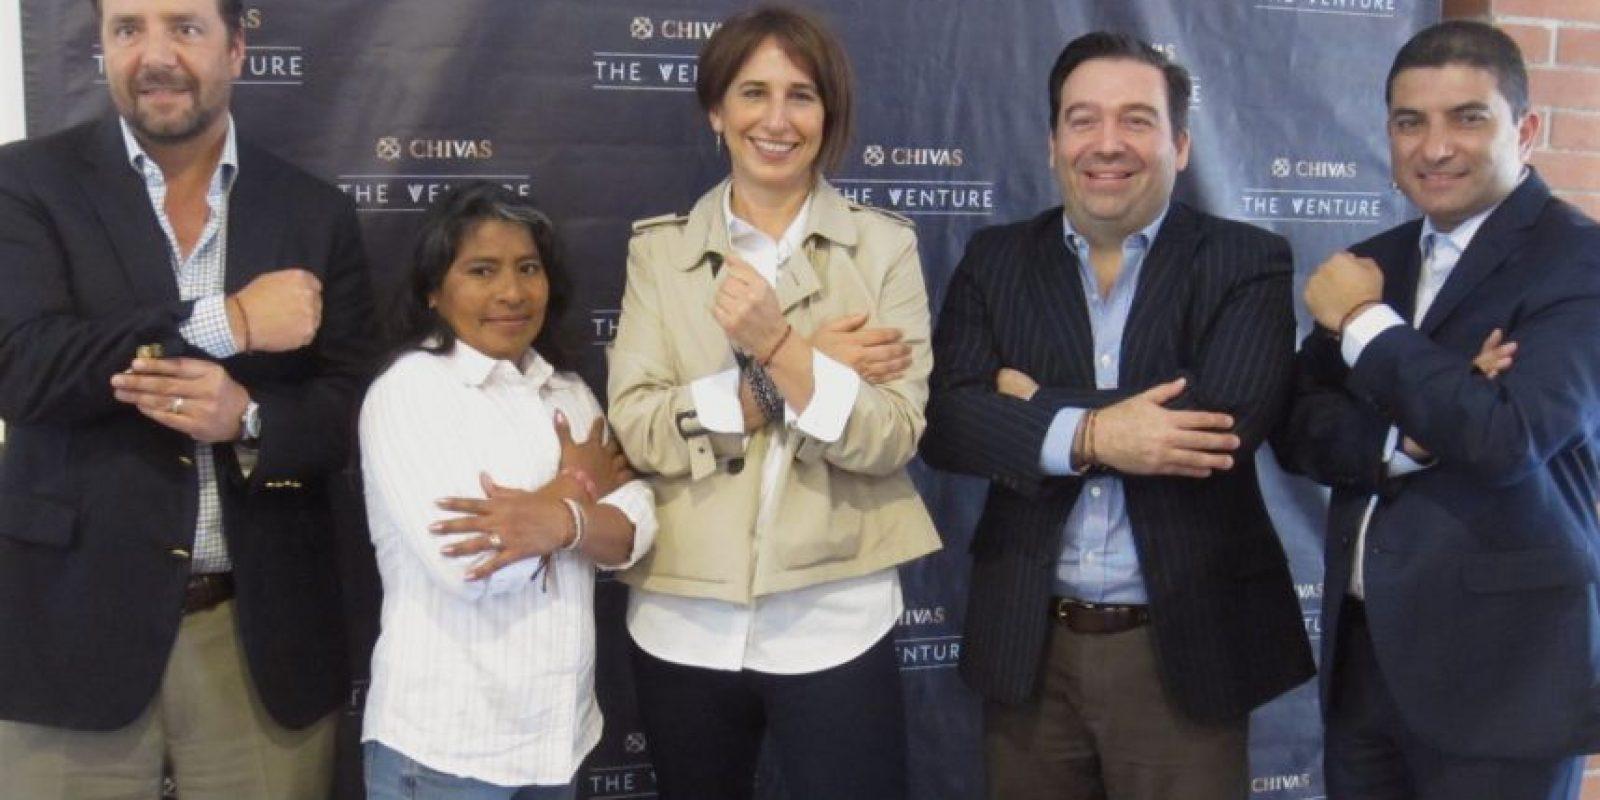 Foto:Wakami/Chivas The Venture